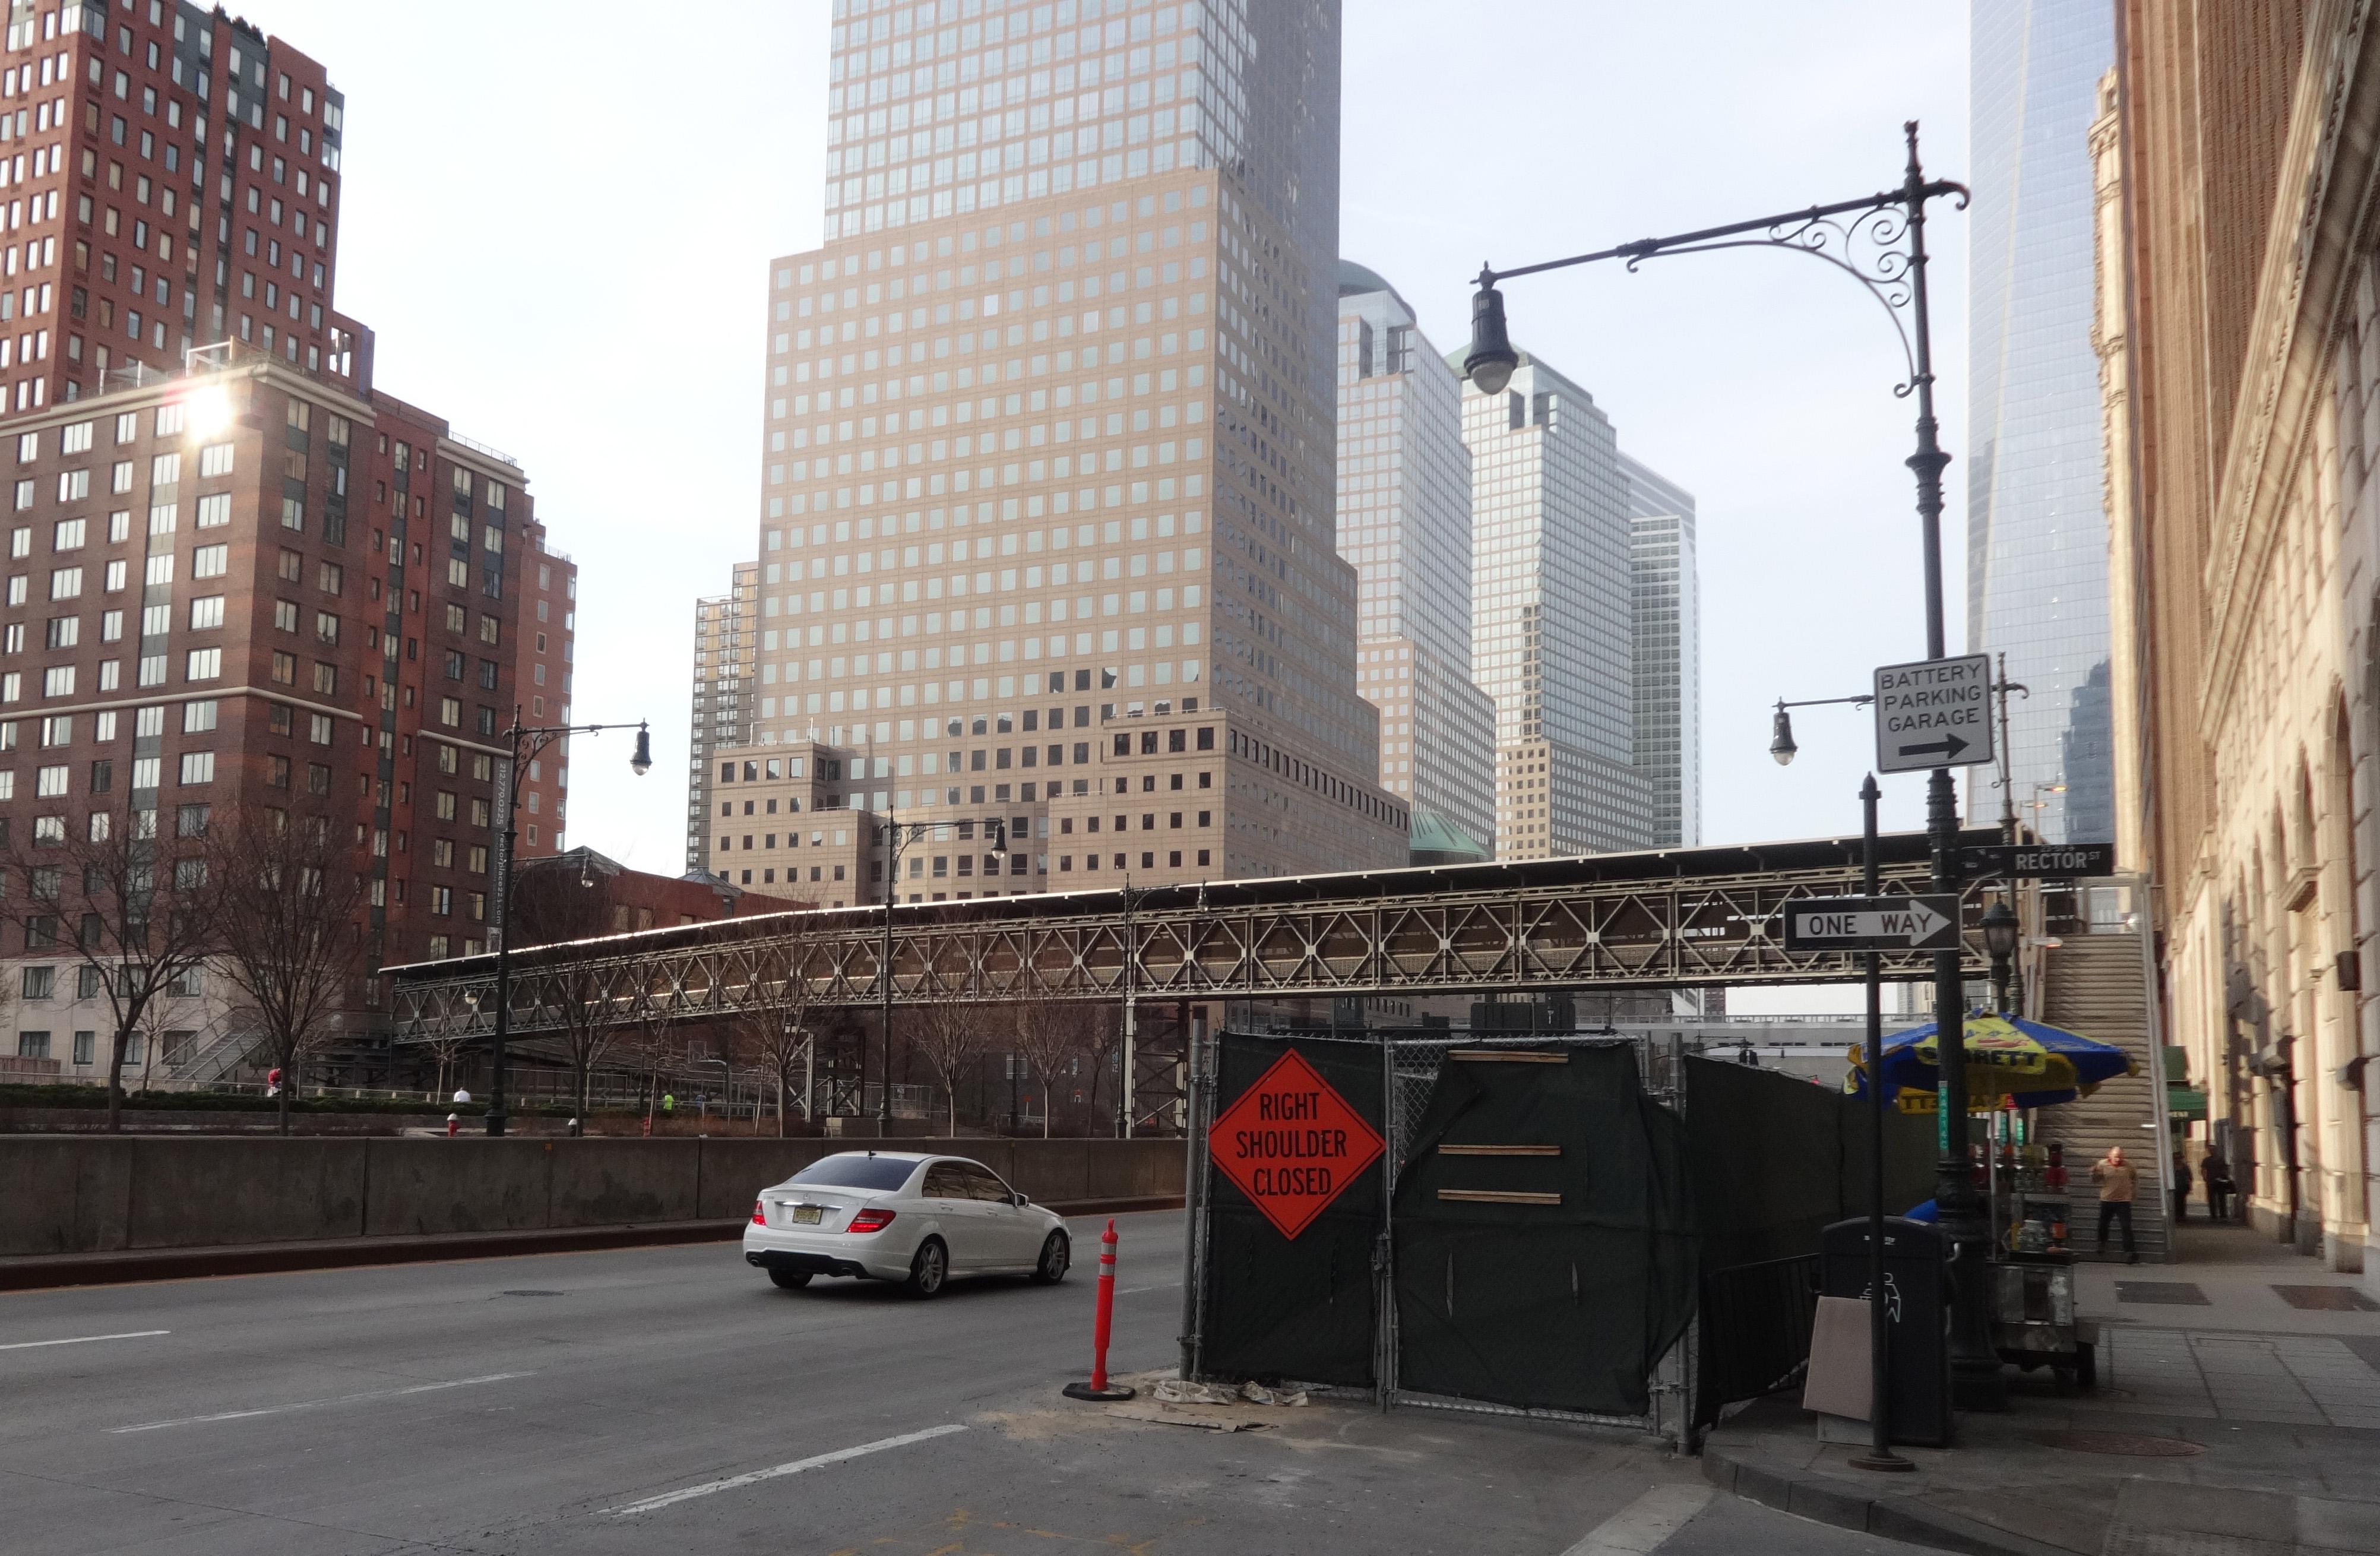 Rector STreet bridge from east side